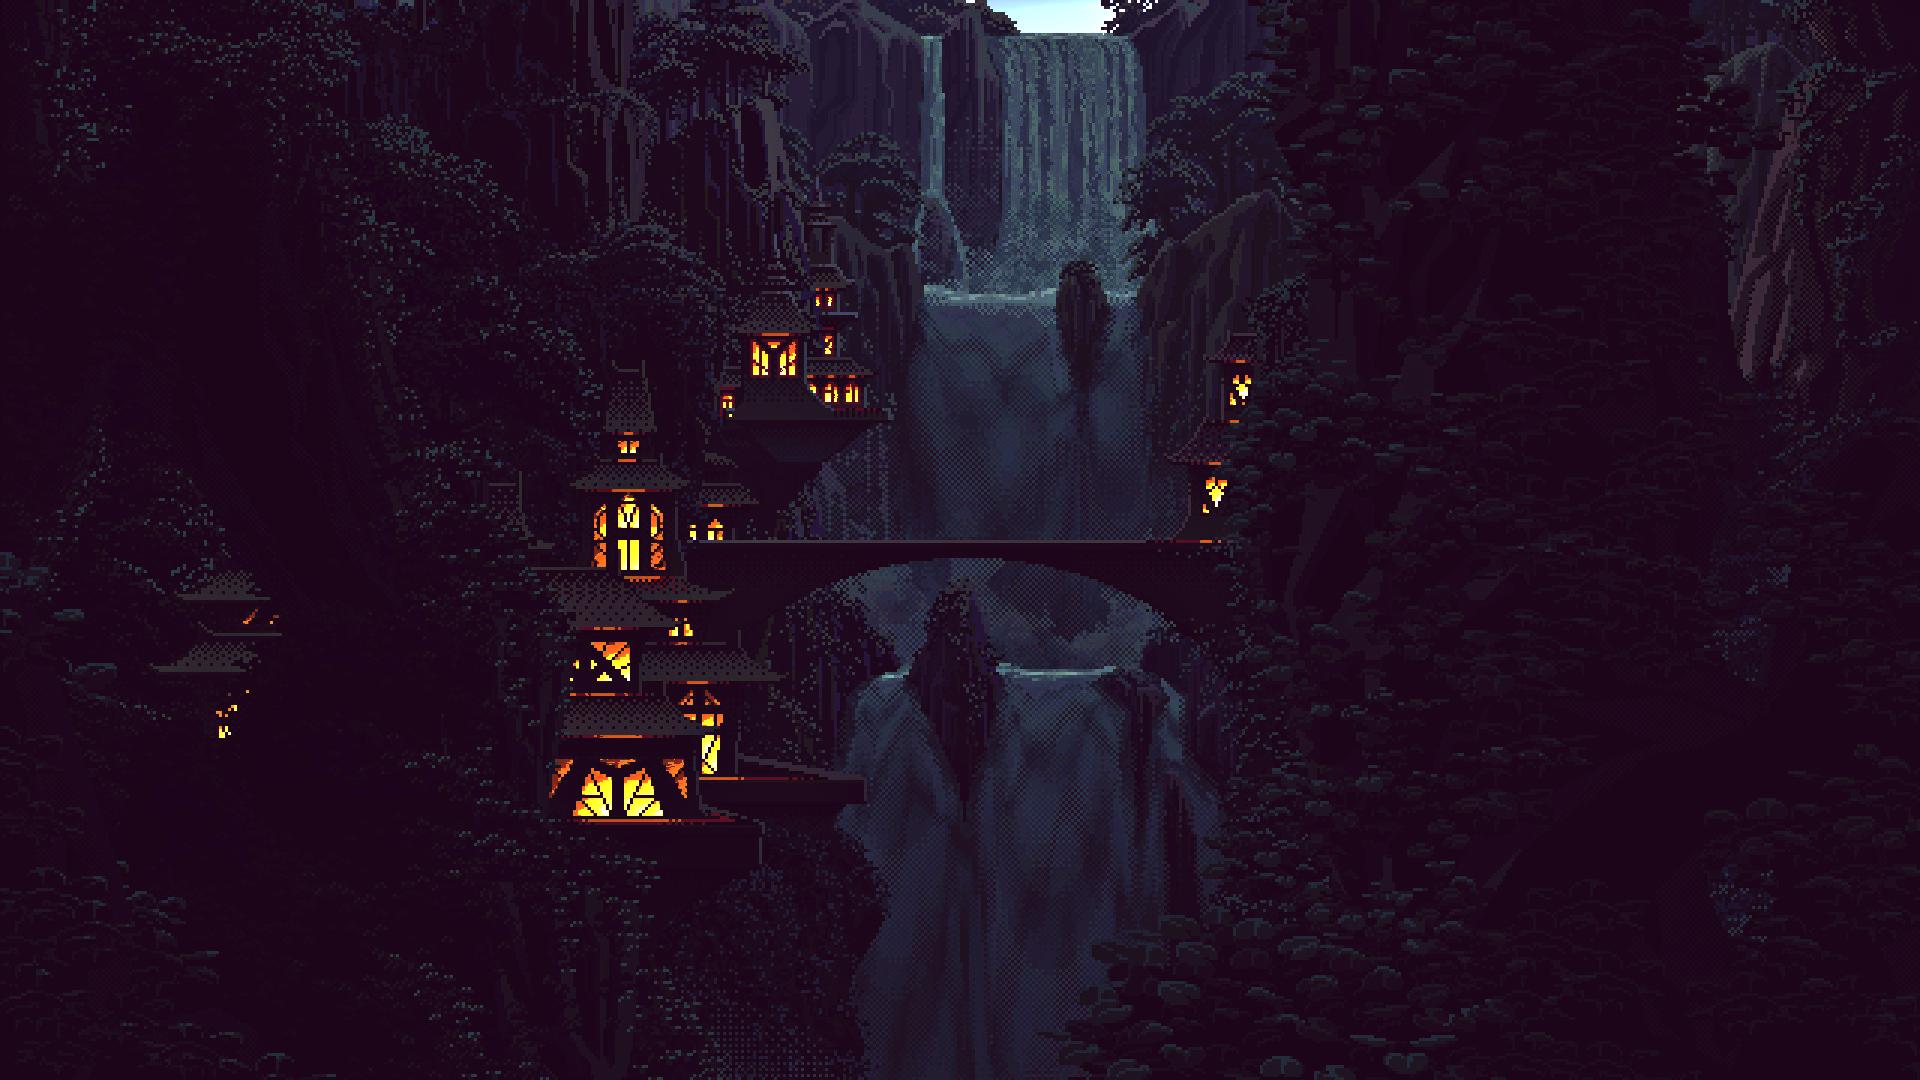 Fondos de pantalla : Árboles, luces, bosque, montañas